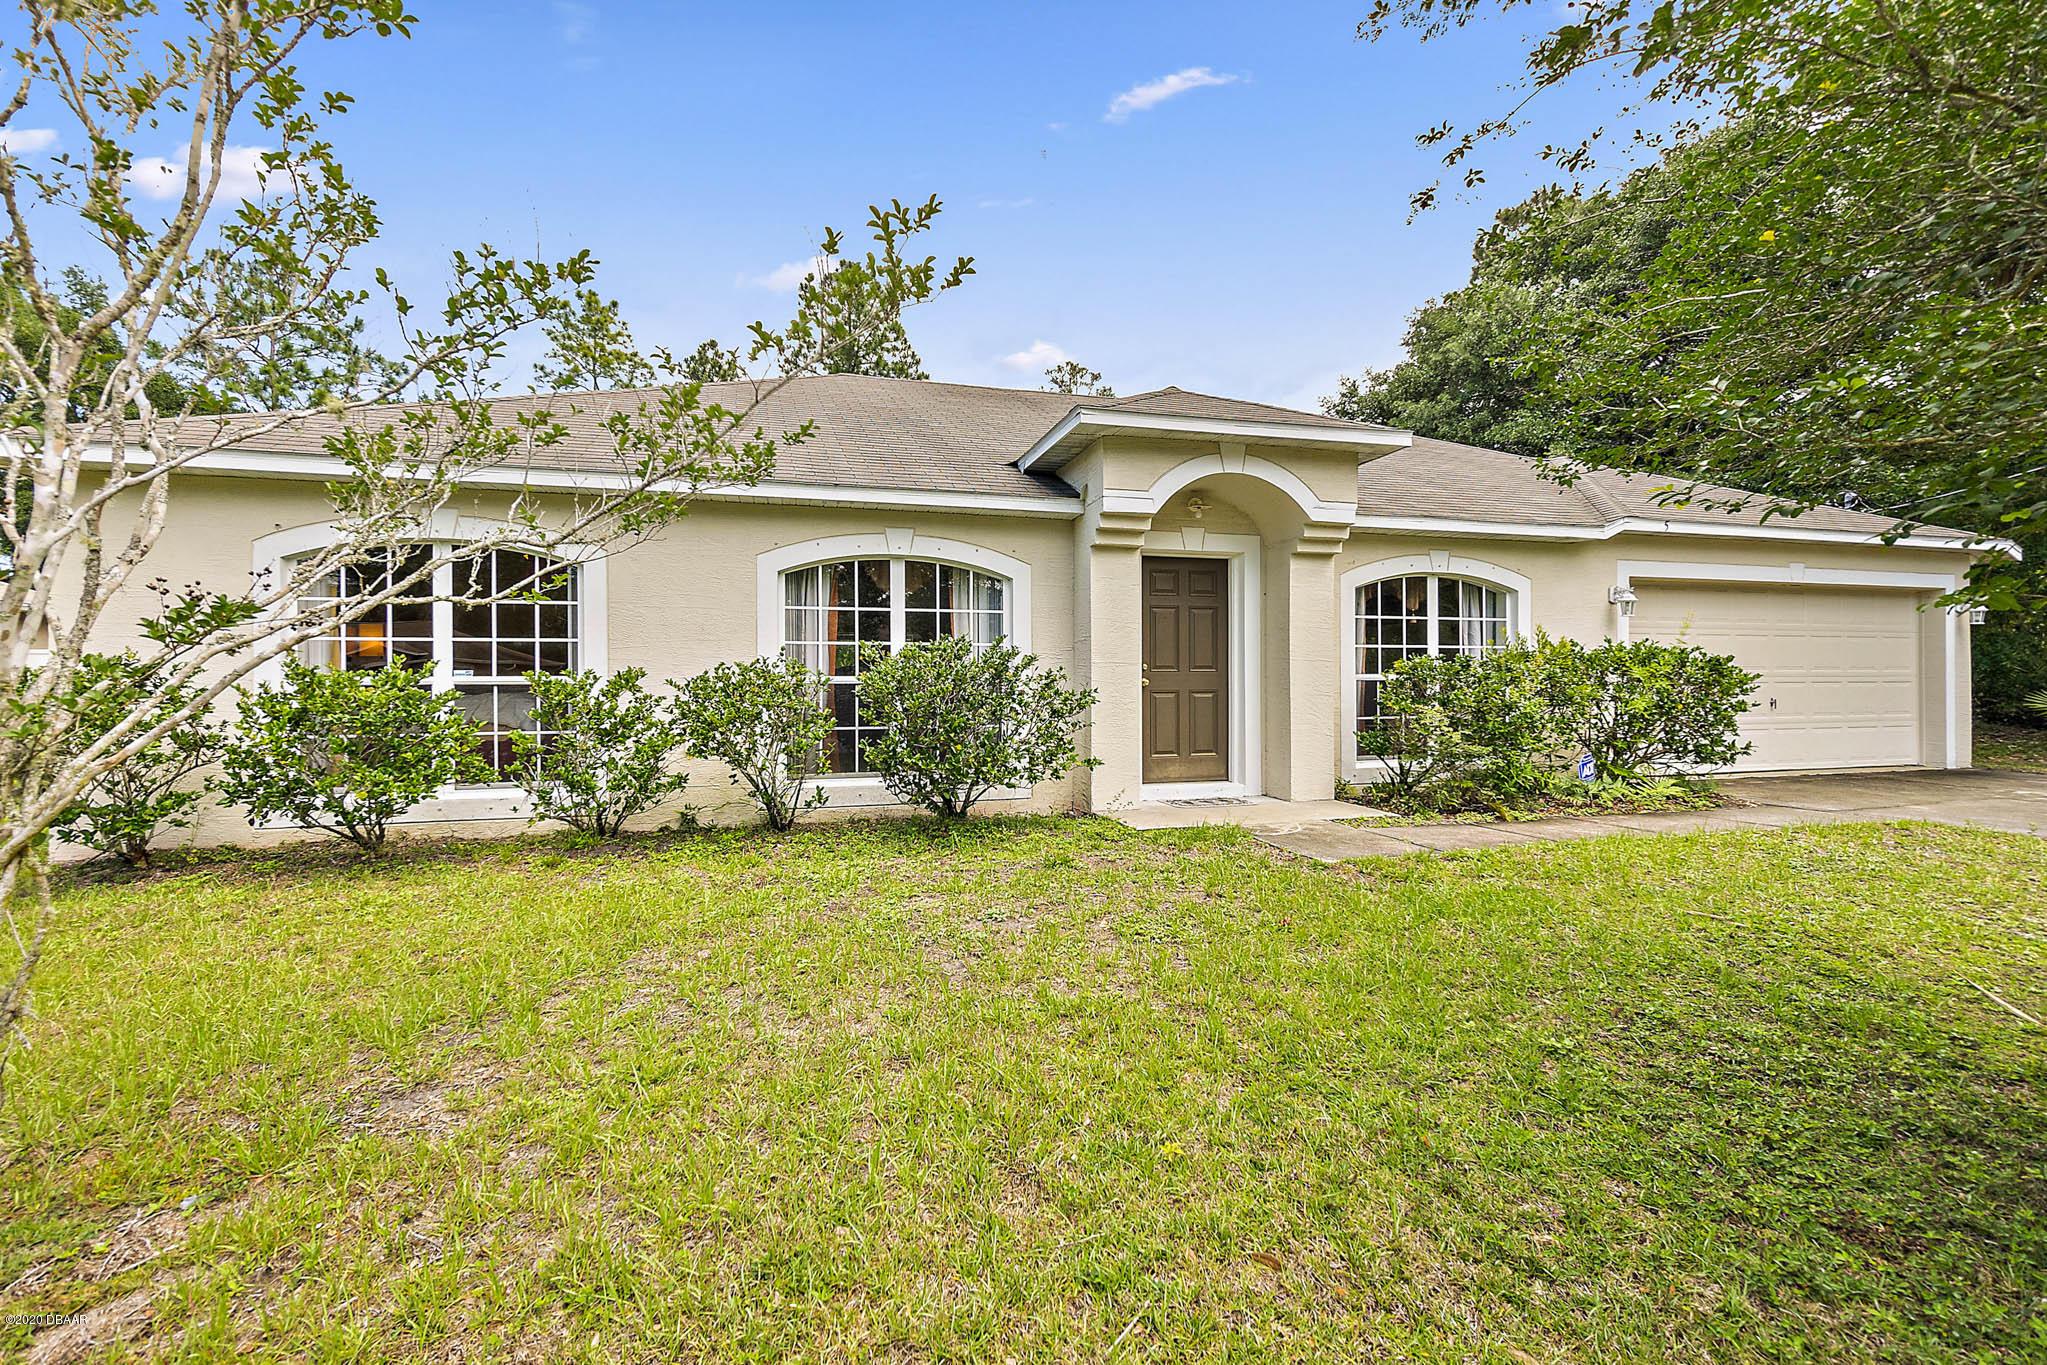 Photo of 5 Pinell Lane, Palm Coast, FL 32164